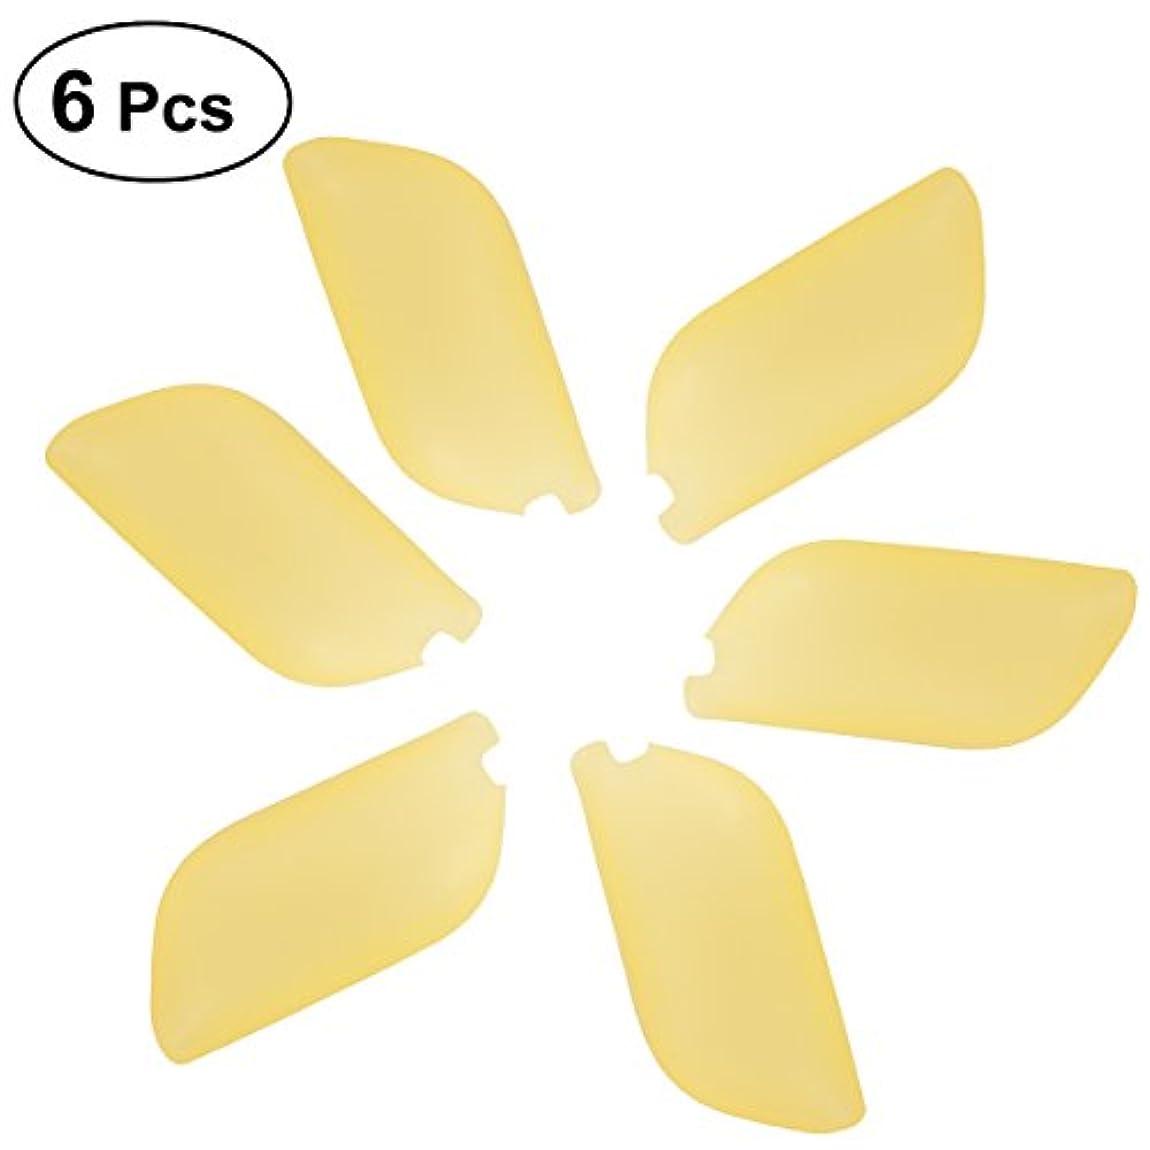 アクセルファンブル関税HEALLILYシリコン歯ブラシヘッドカバーホルダー歯ブラシ保護カバー保護ケース用歯ブラシ6本